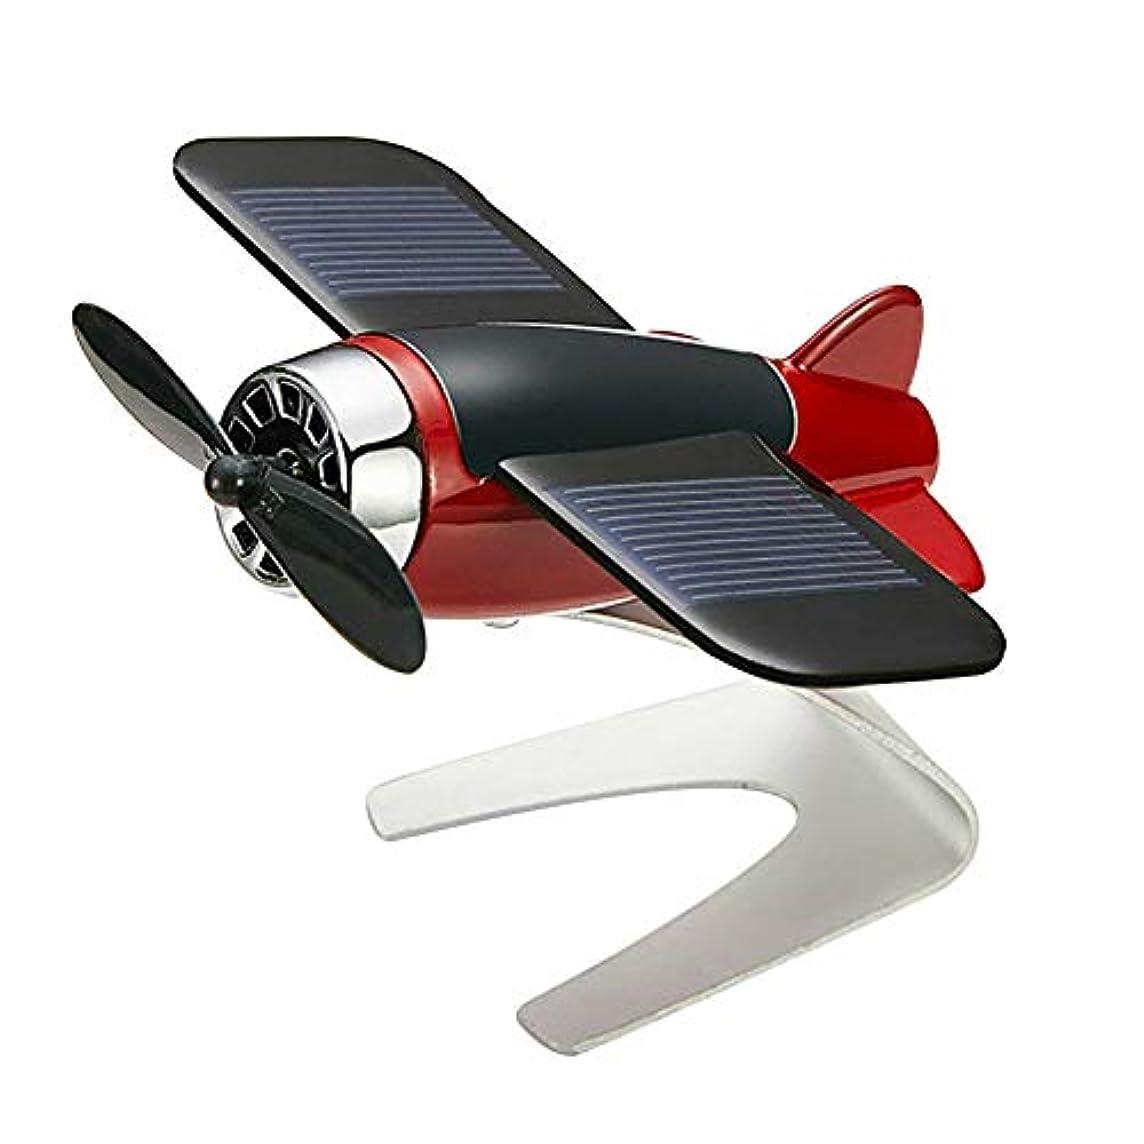 ボクシングスタンドレルムSymboat 車の芳香剤飛行機航空機モデル太陽エネルギーアロマテラピー室内装飾